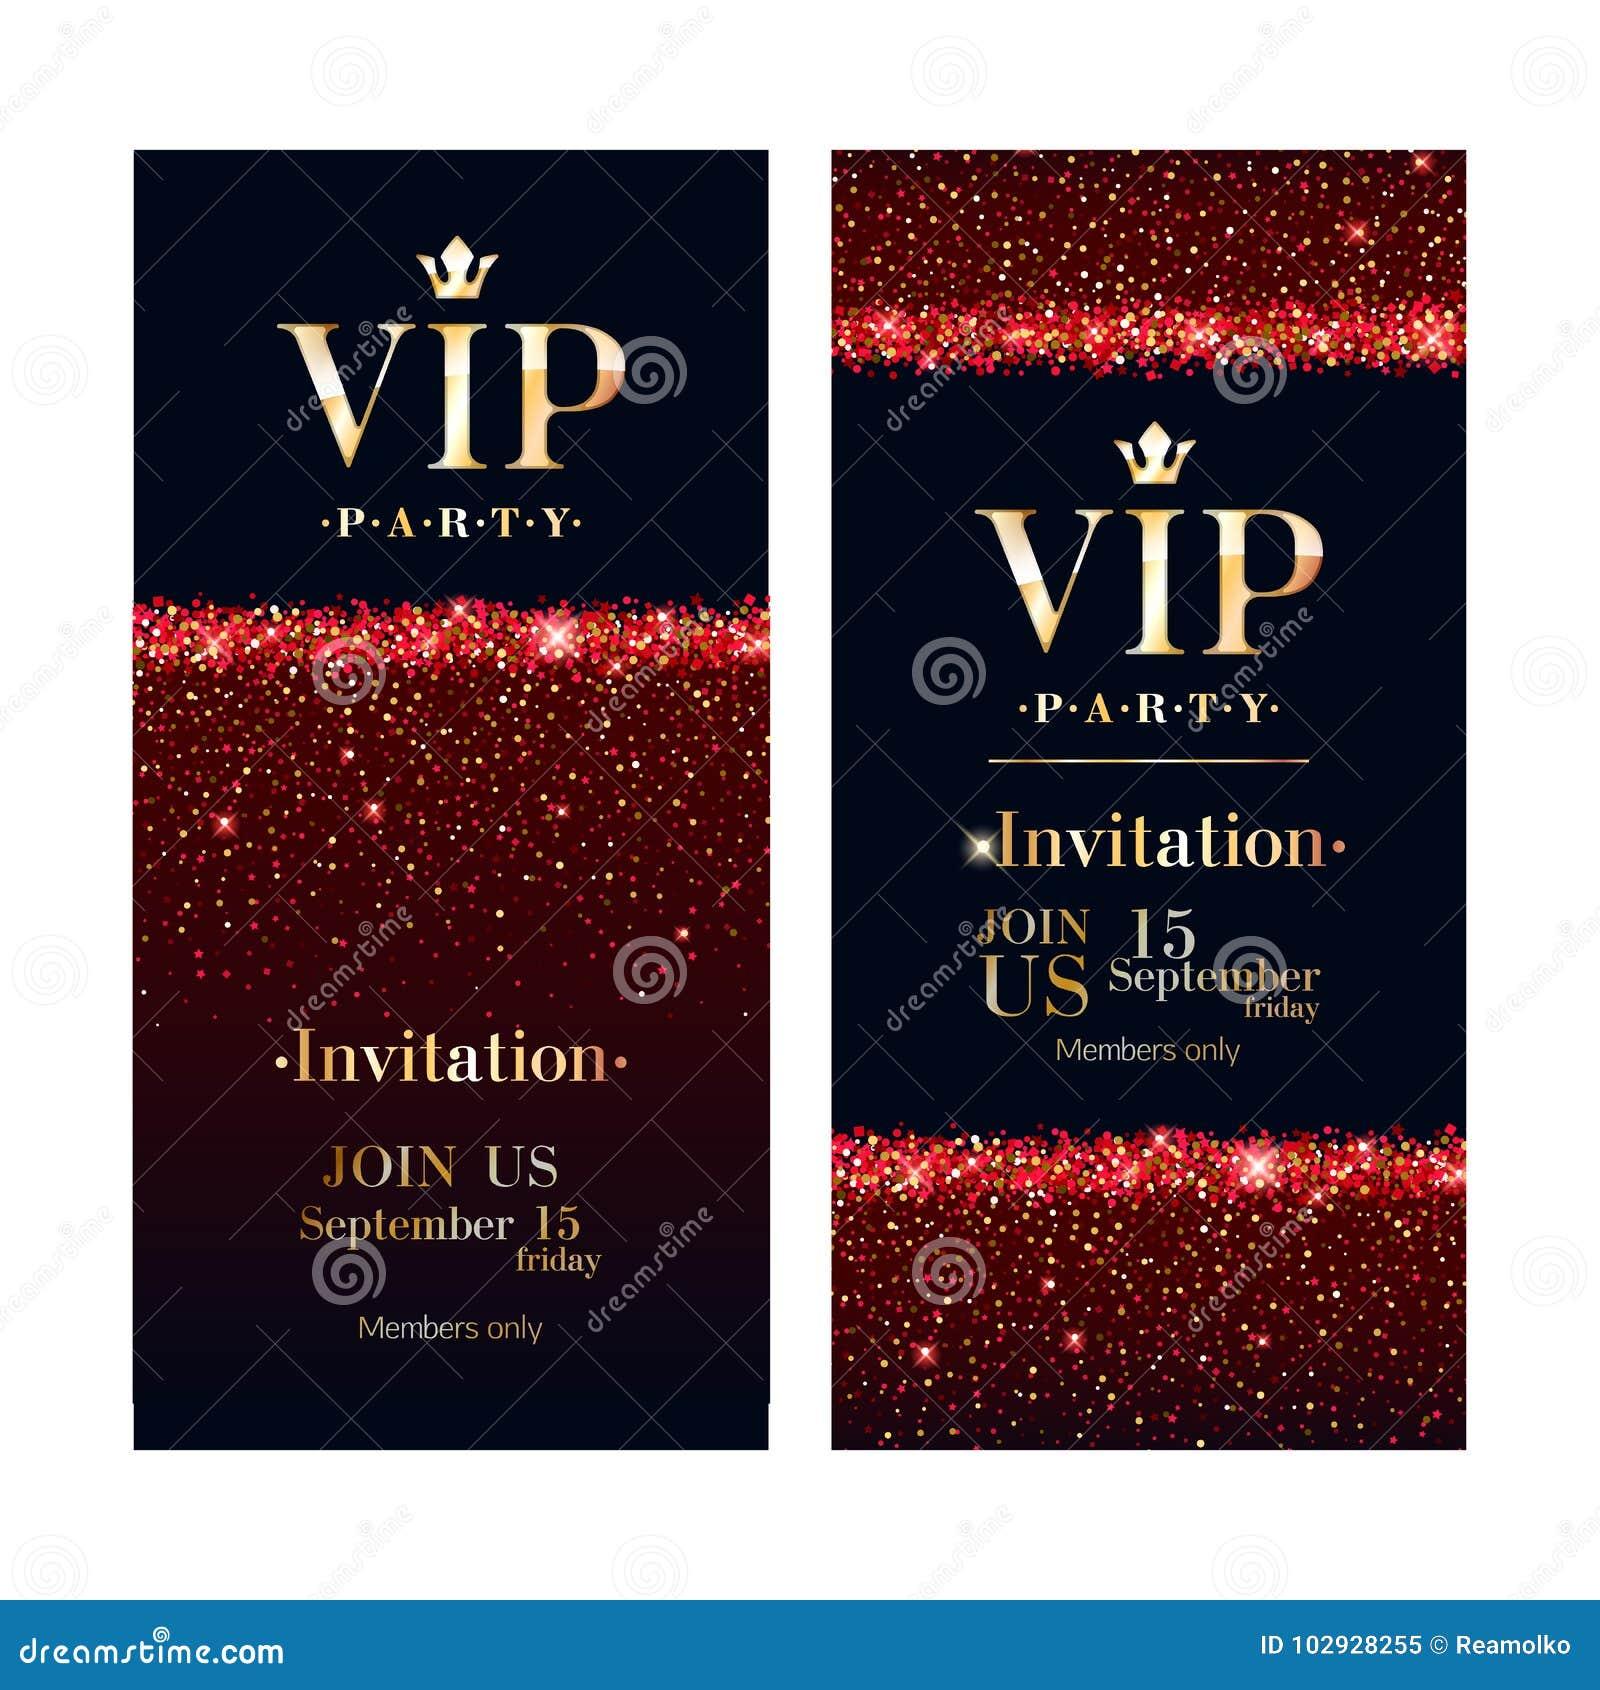 VIP Invitation Card Premium Design Template. Stock Vector ...